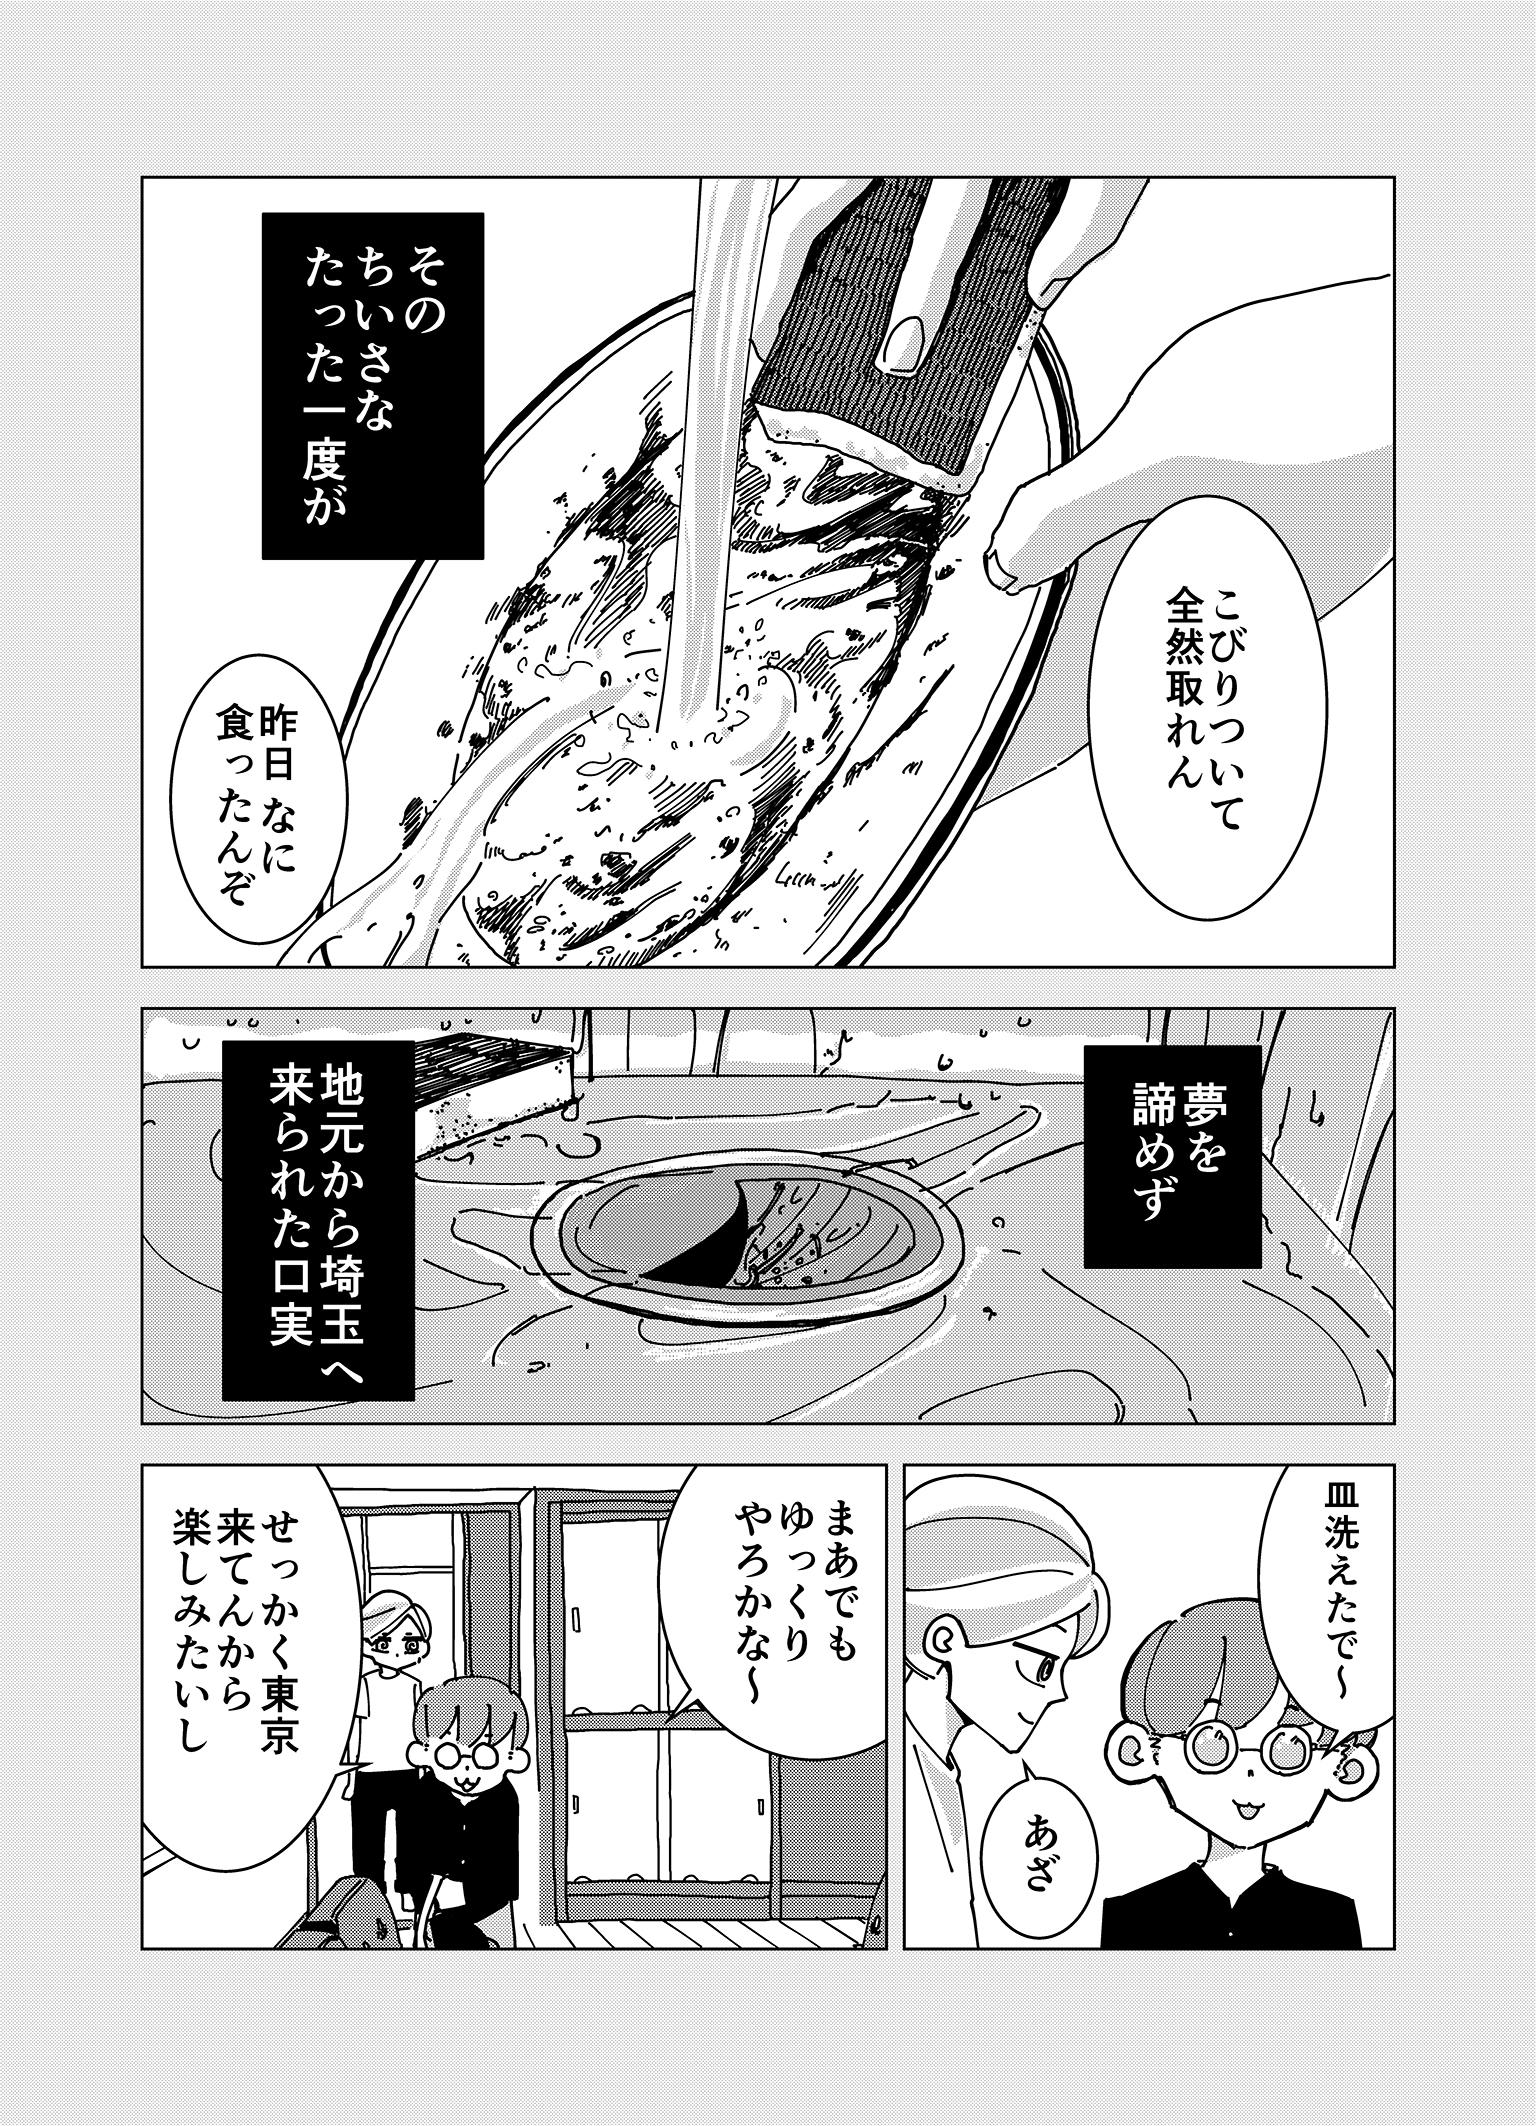 share04_008